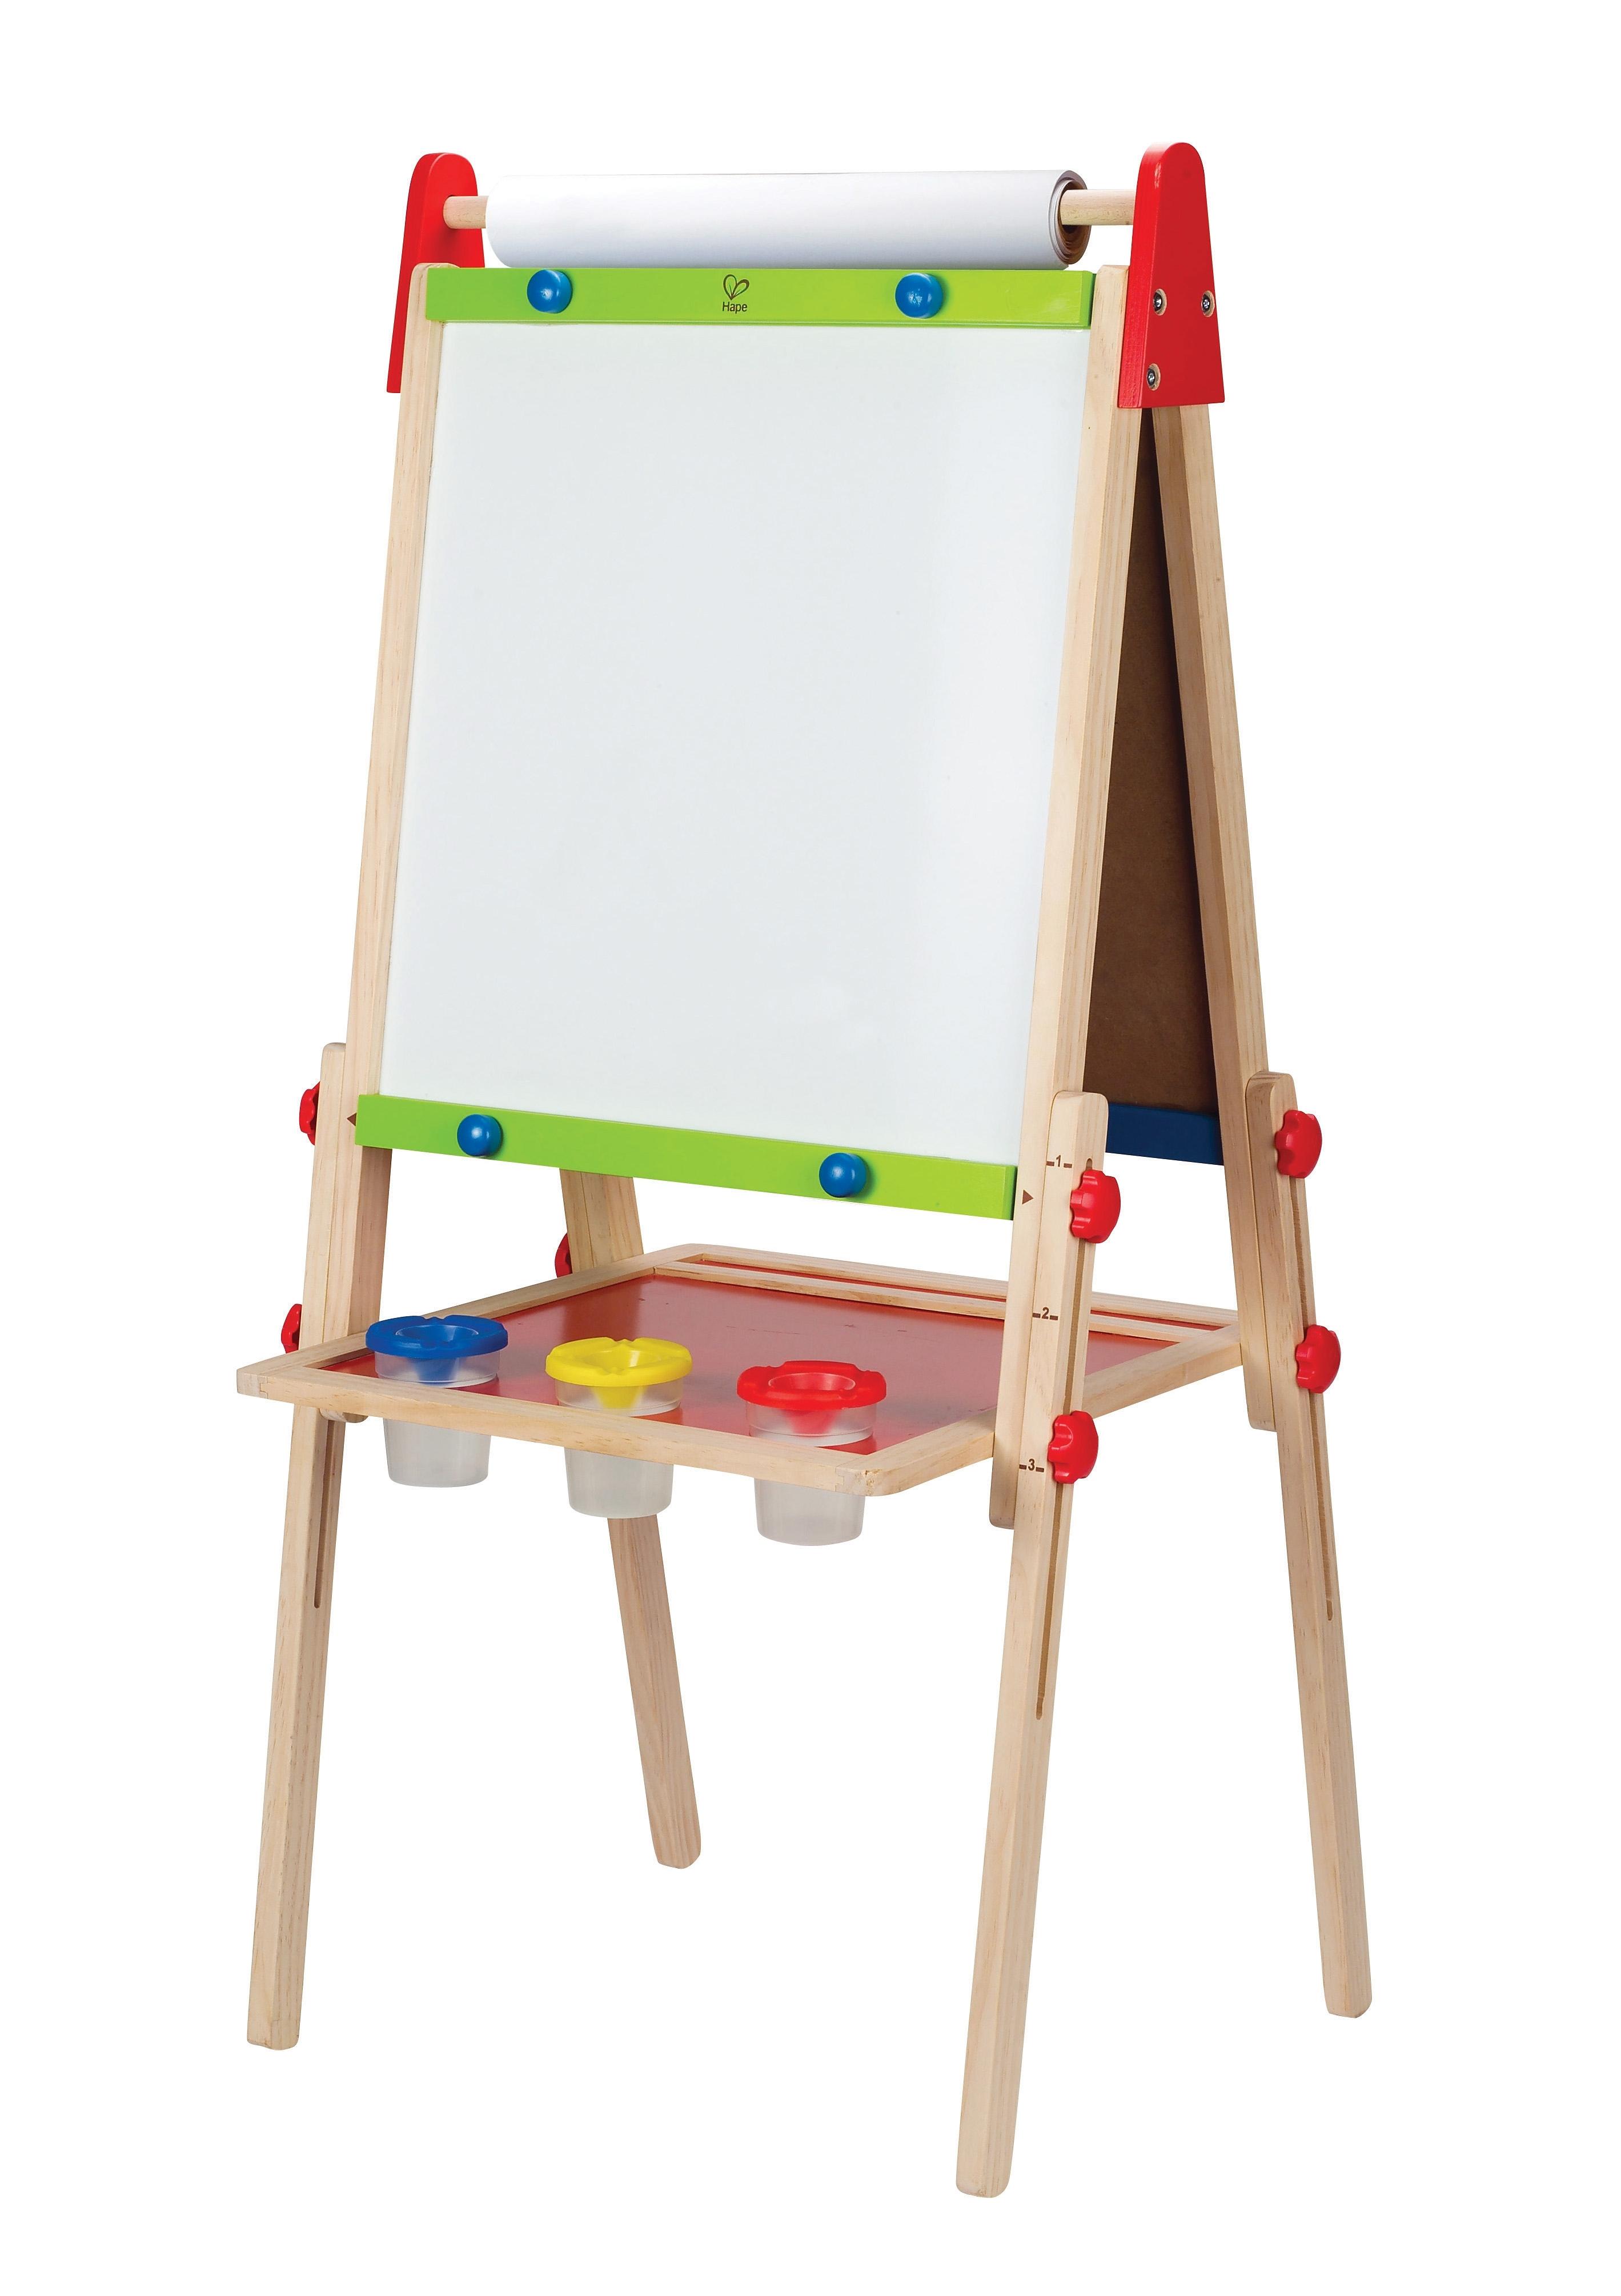 Hape schoolbord bestellen: 30 dagen bedenktijd